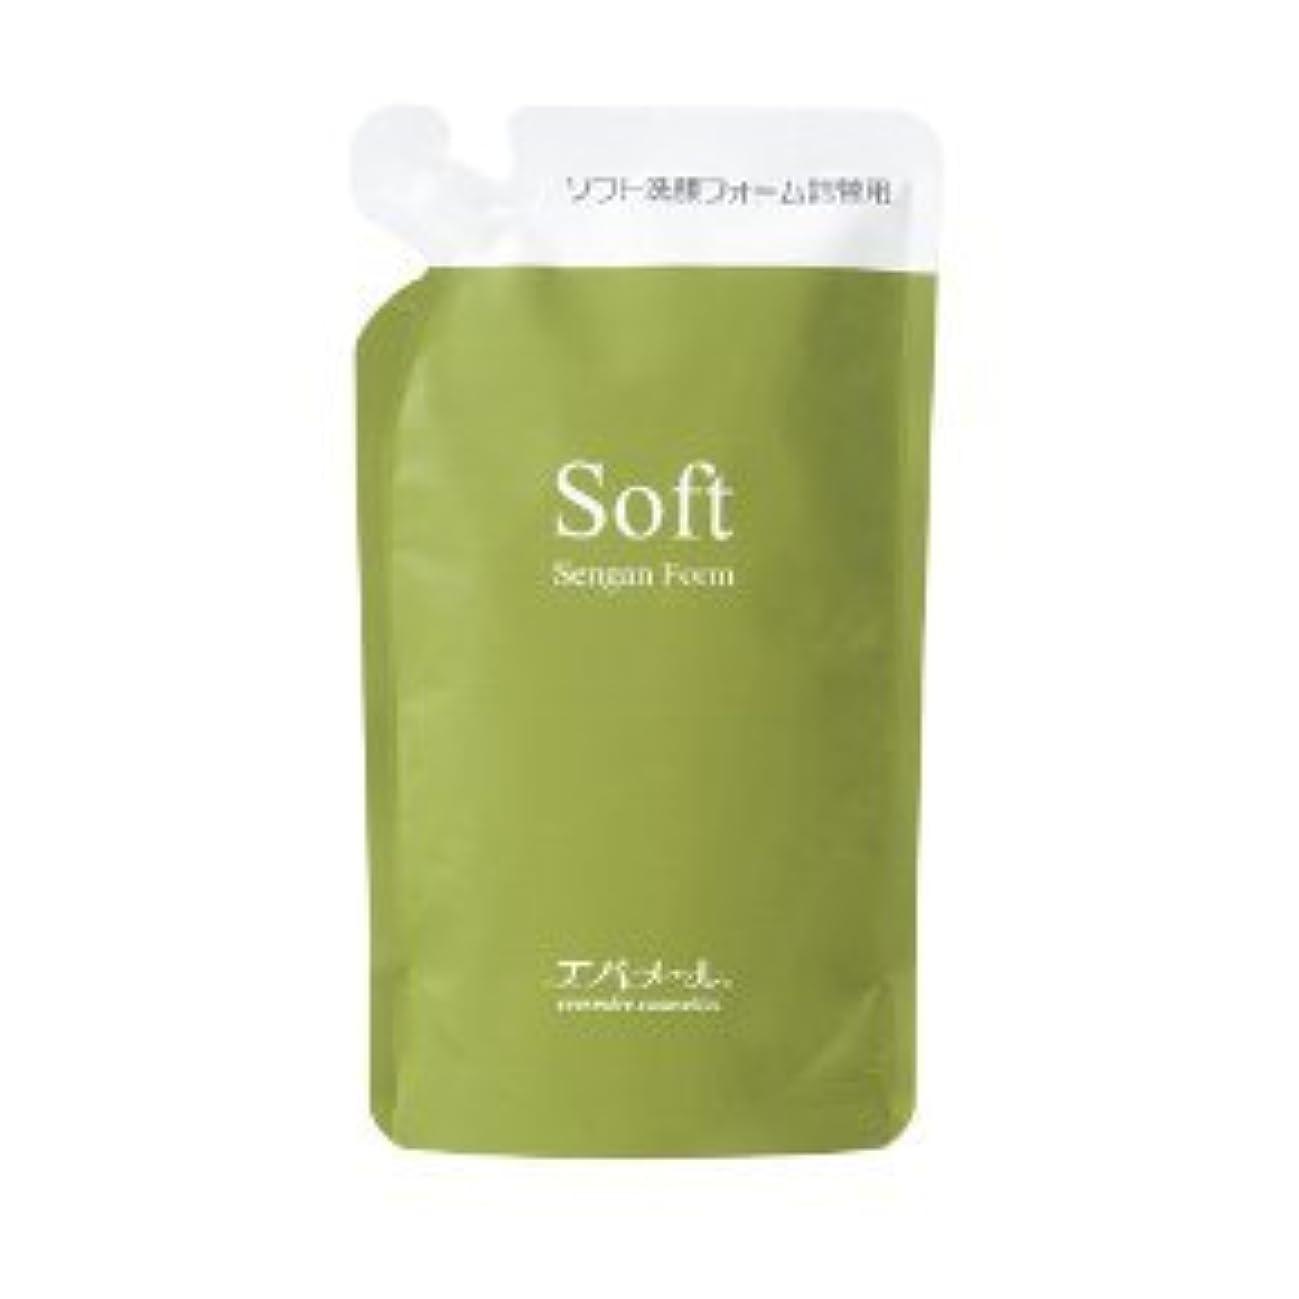 違反する大気座標エバメール ソフト洗顔フォーム 200ml レフィル